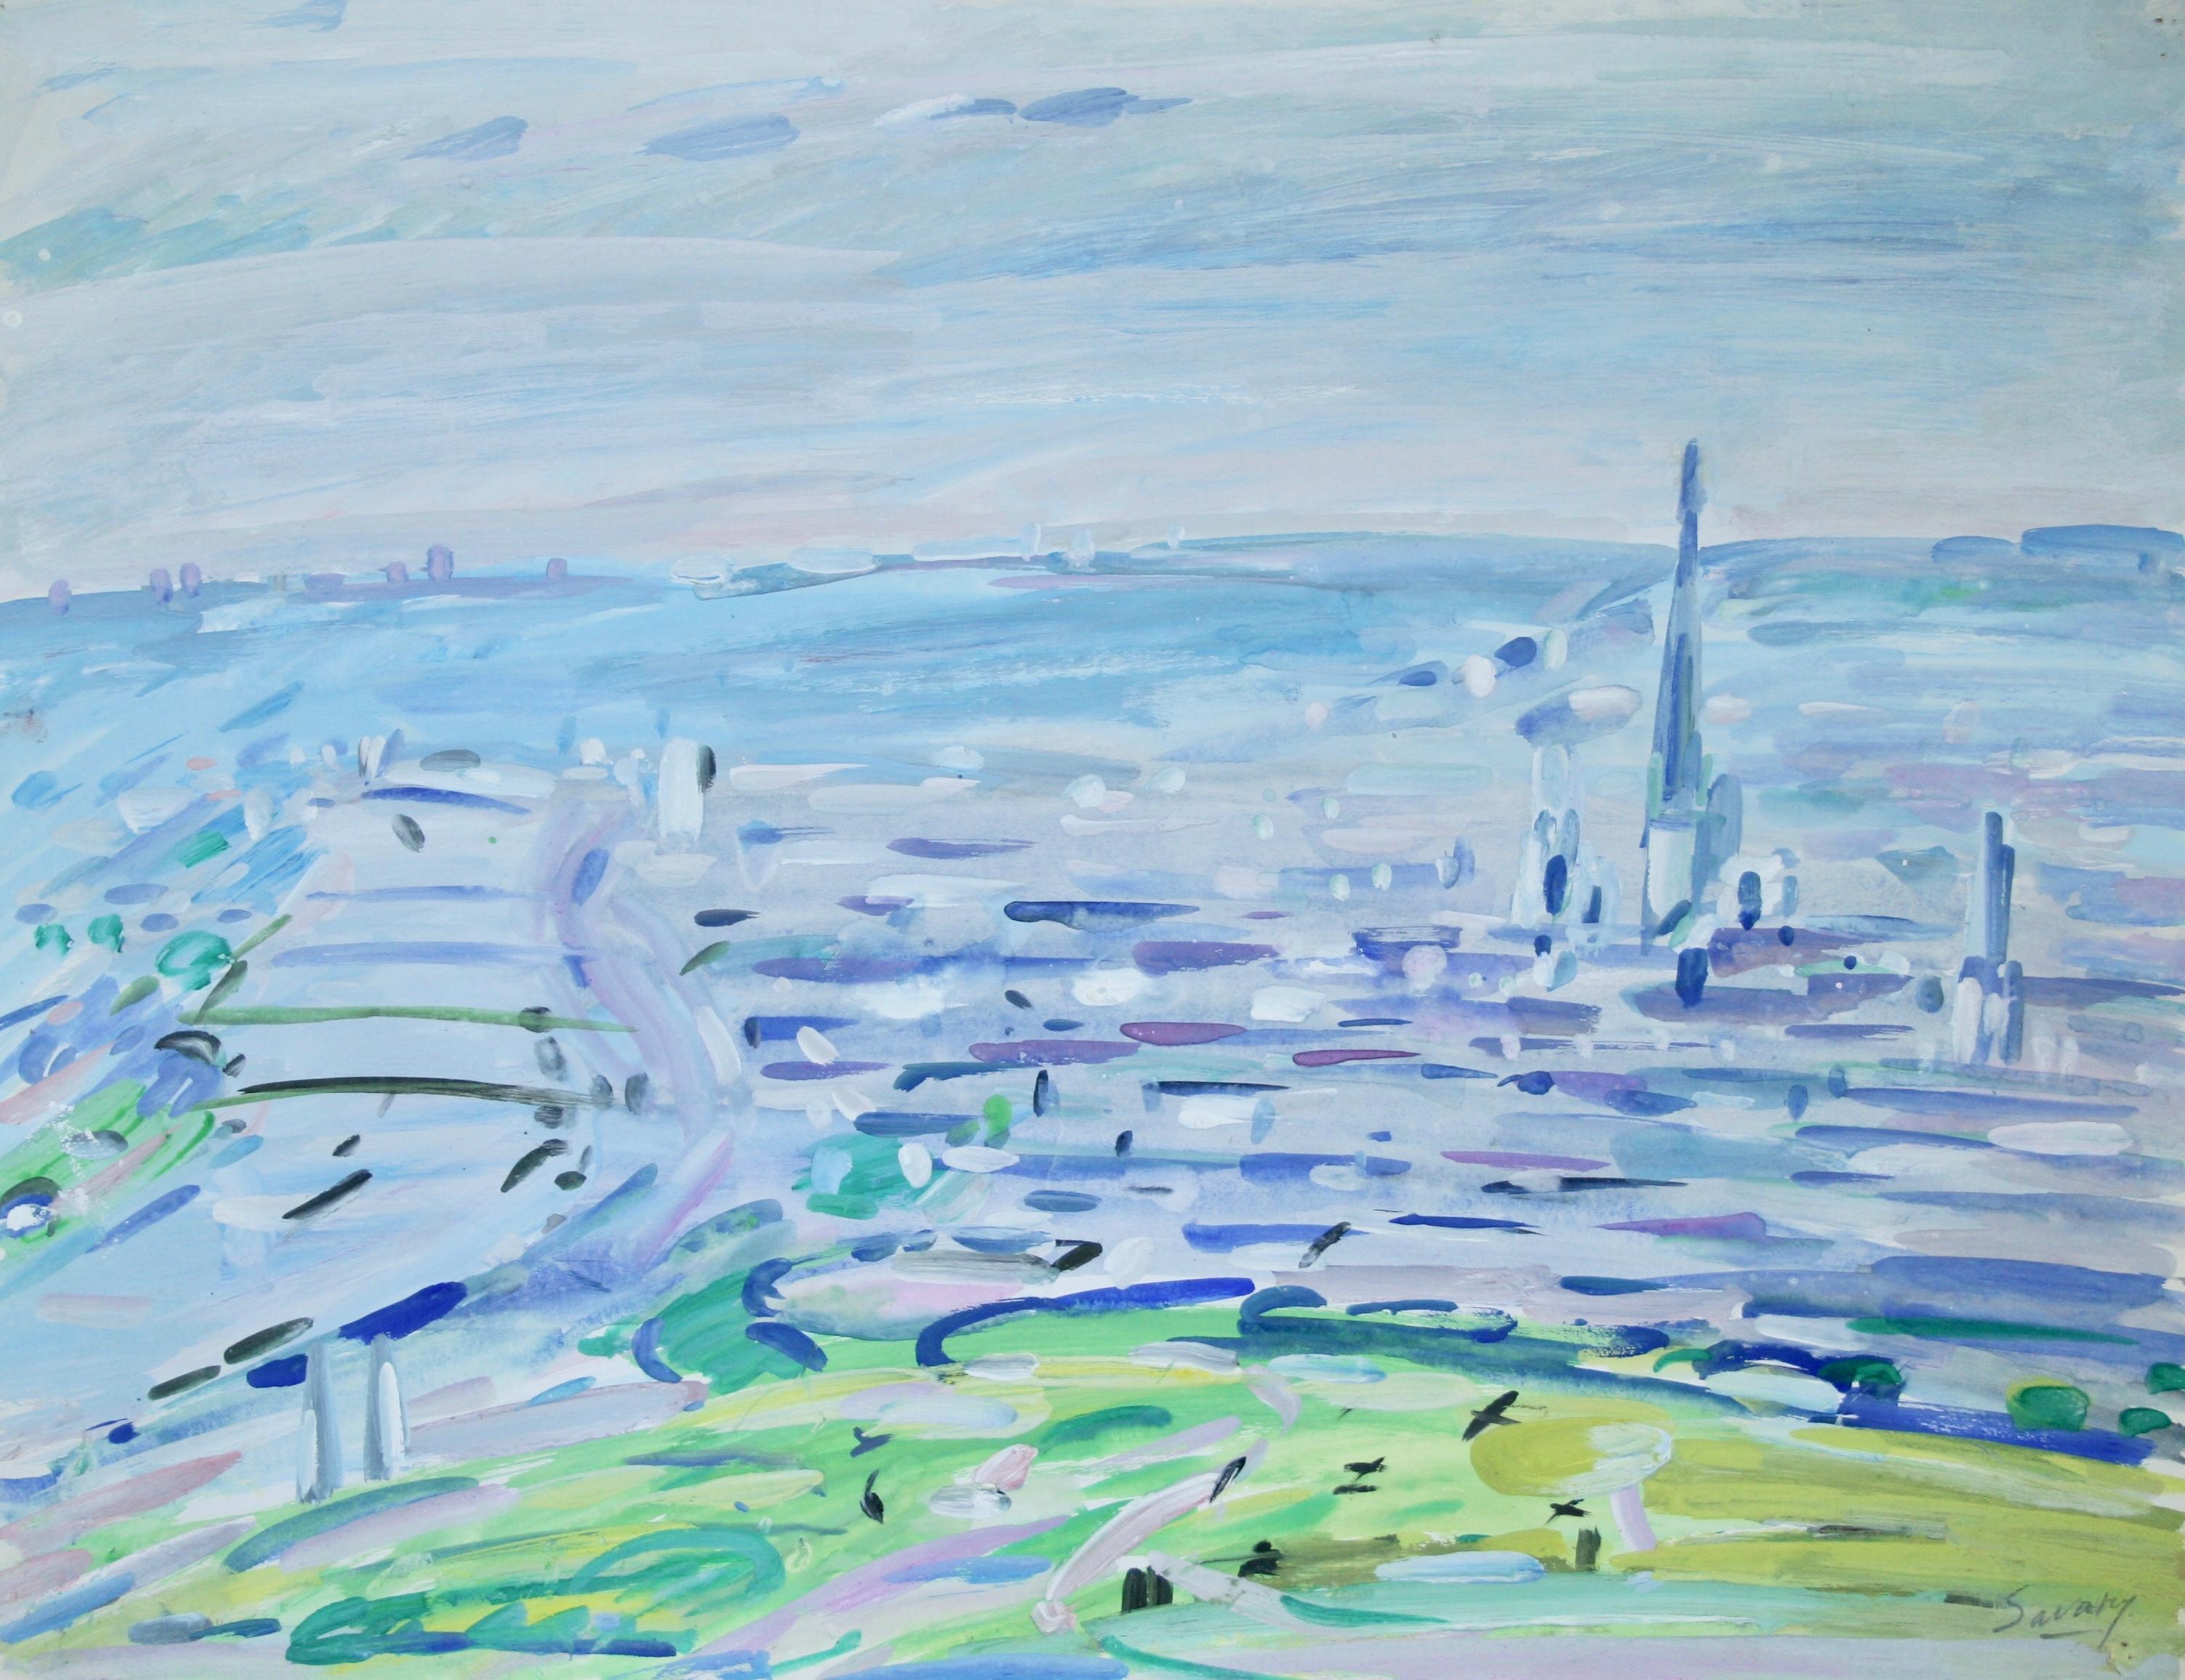 Peintres Ecole De Rouen robert savary - peinture originale - gouache - rouen, vue de la colline st  catherine